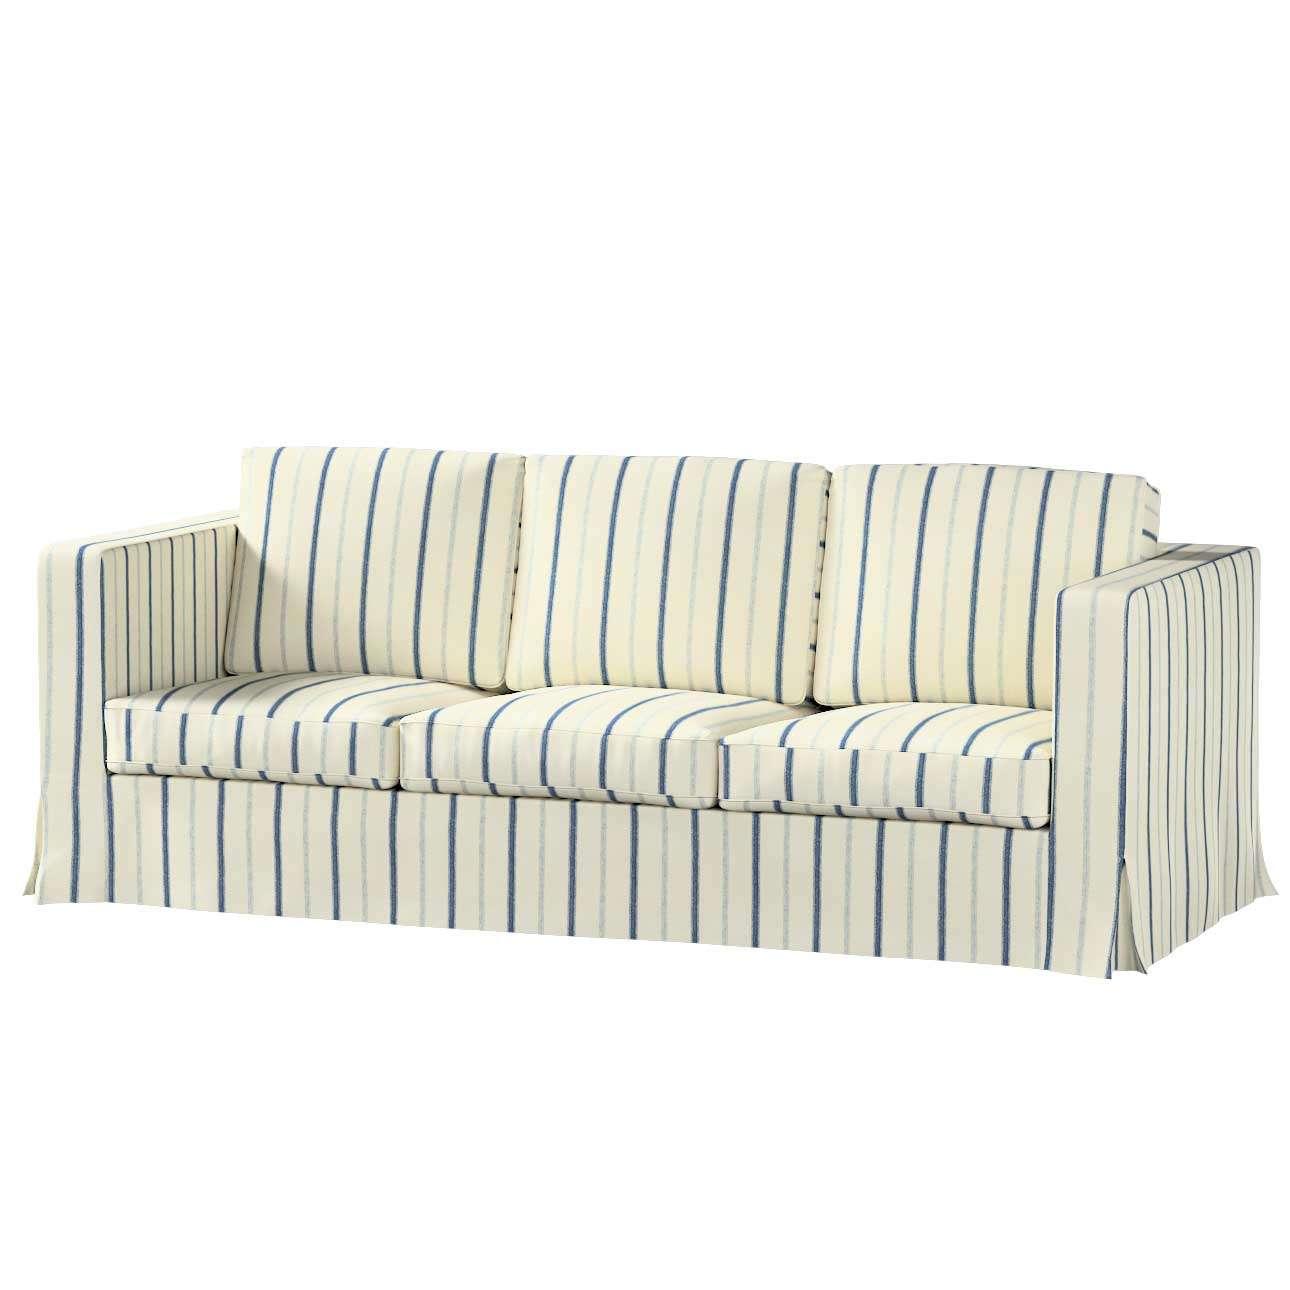 Pokrowiec na sofę Karlanda 3-osobową nierozkładaną, długi w kolekcji Avinon, tkanina: 129-66